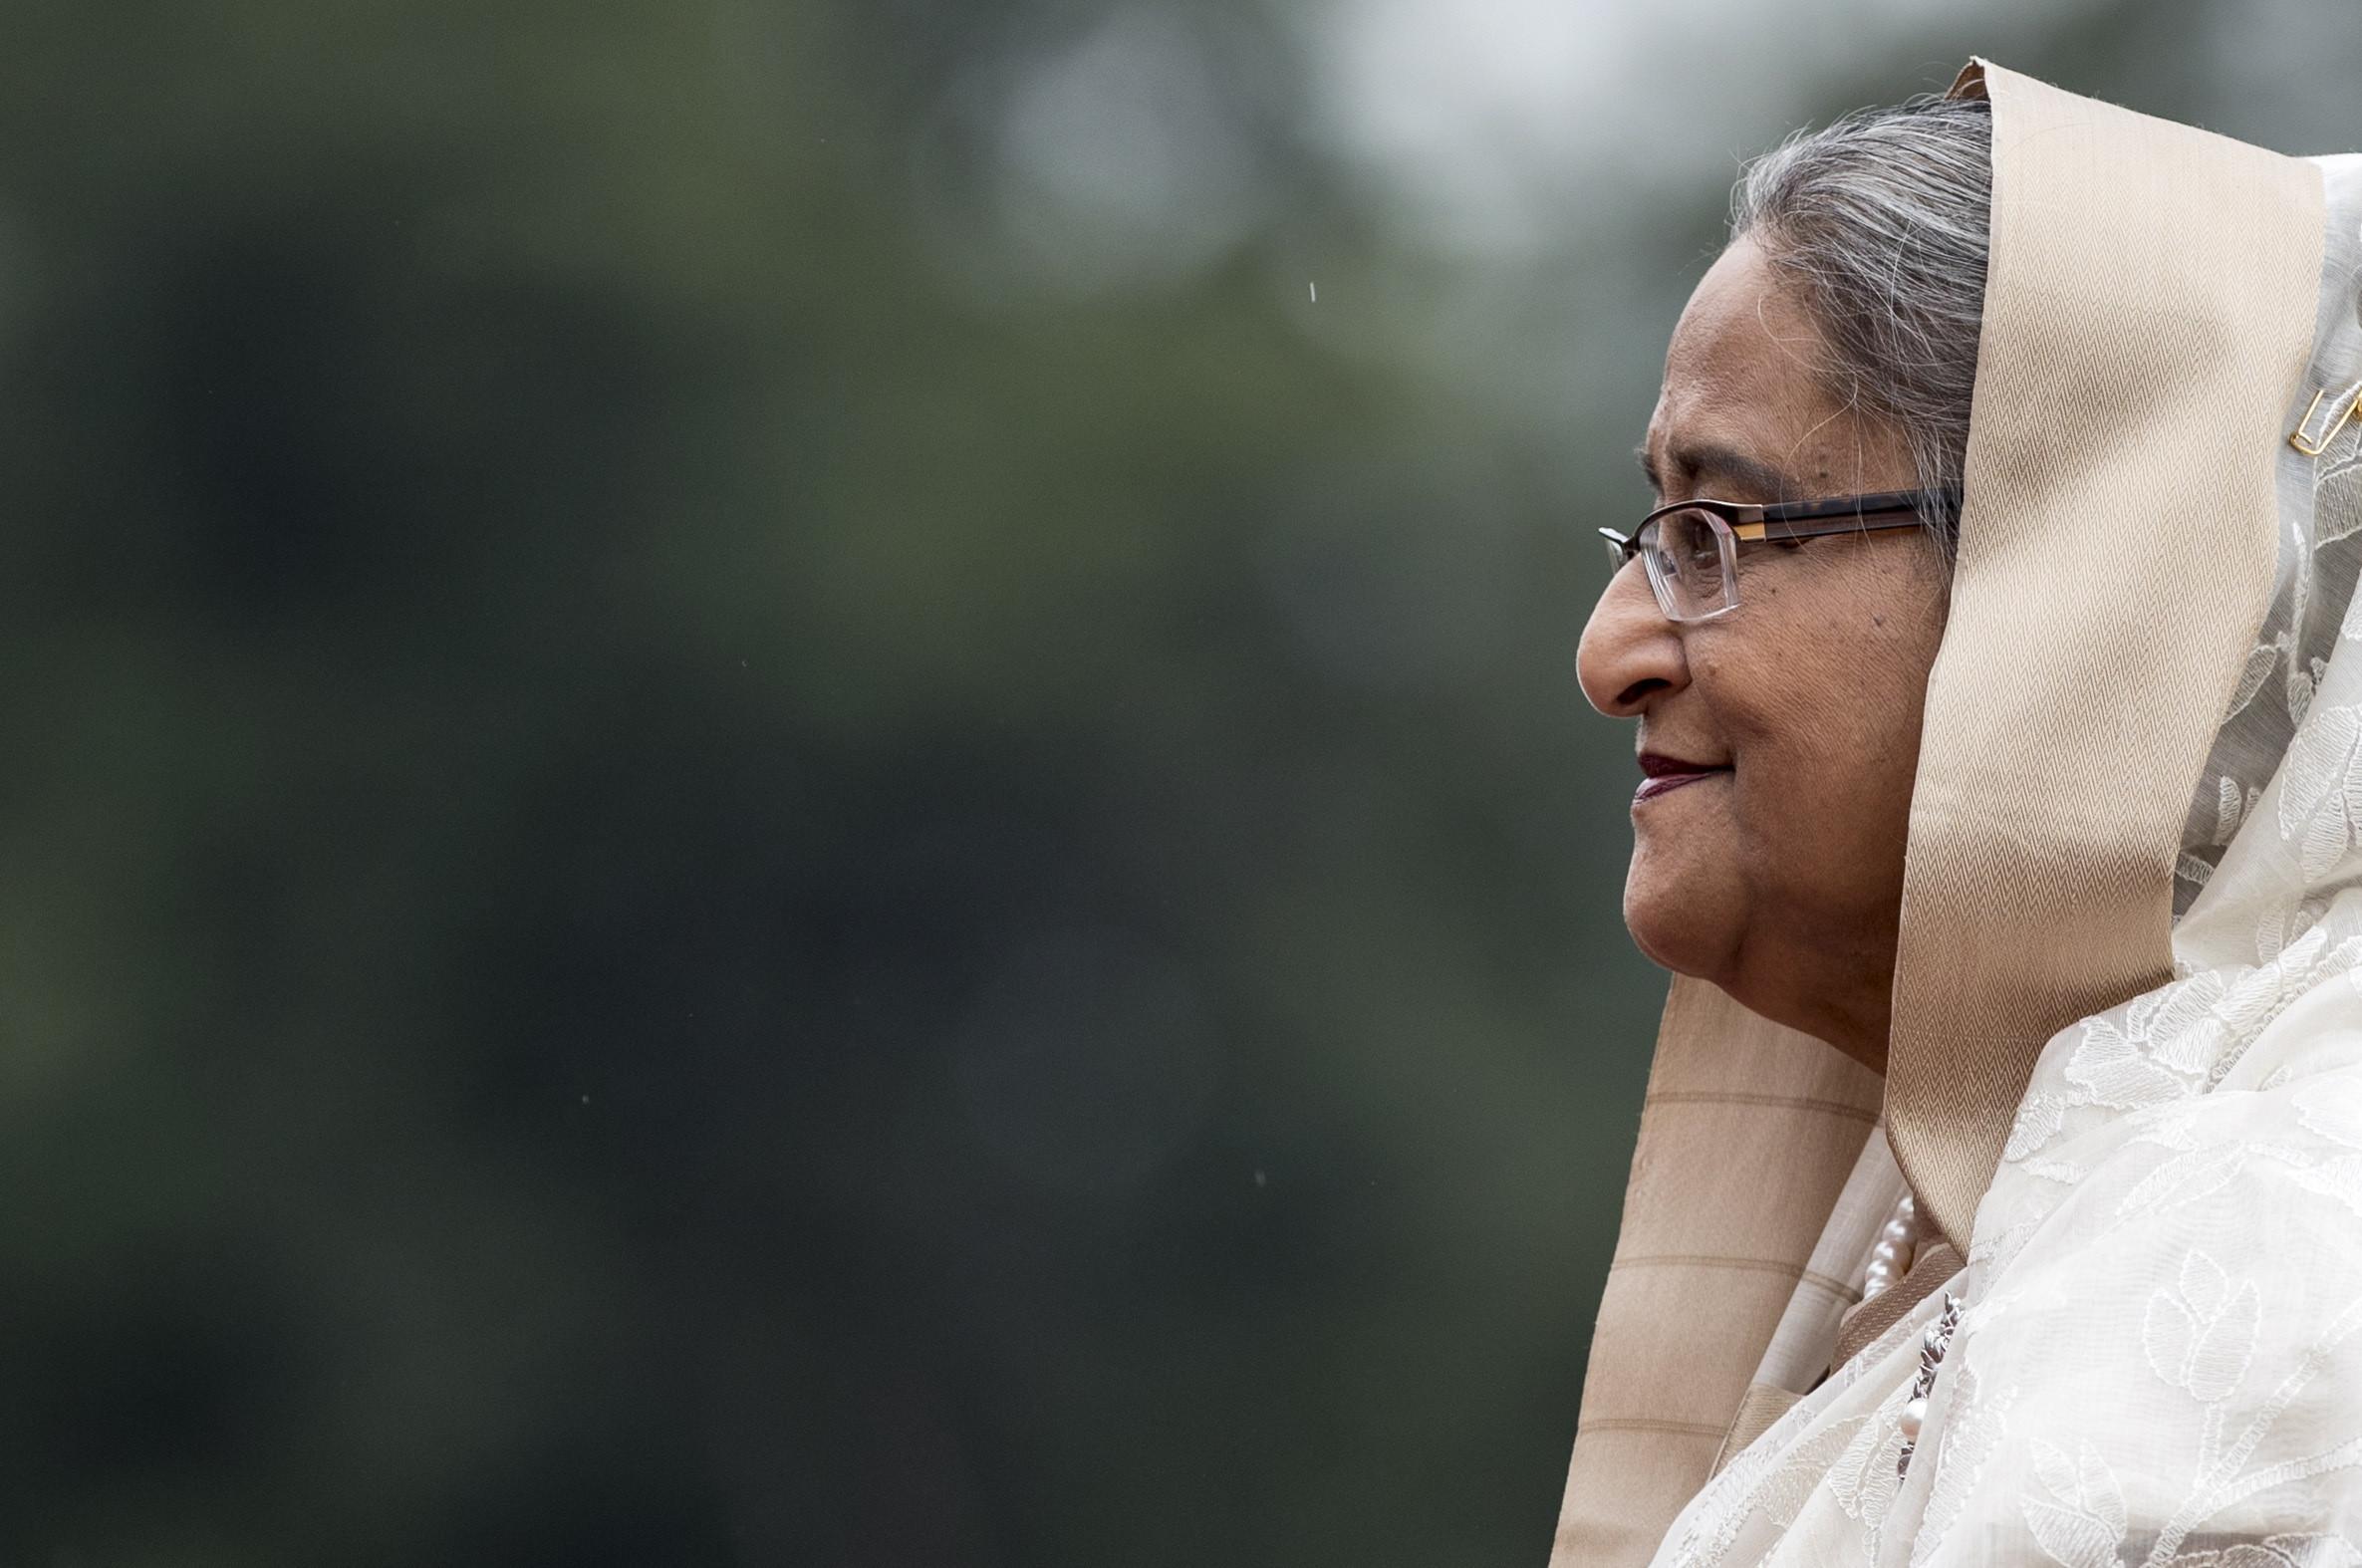 Primeira-ministra do Bangladesh com vitória esmagadora nas legislativas